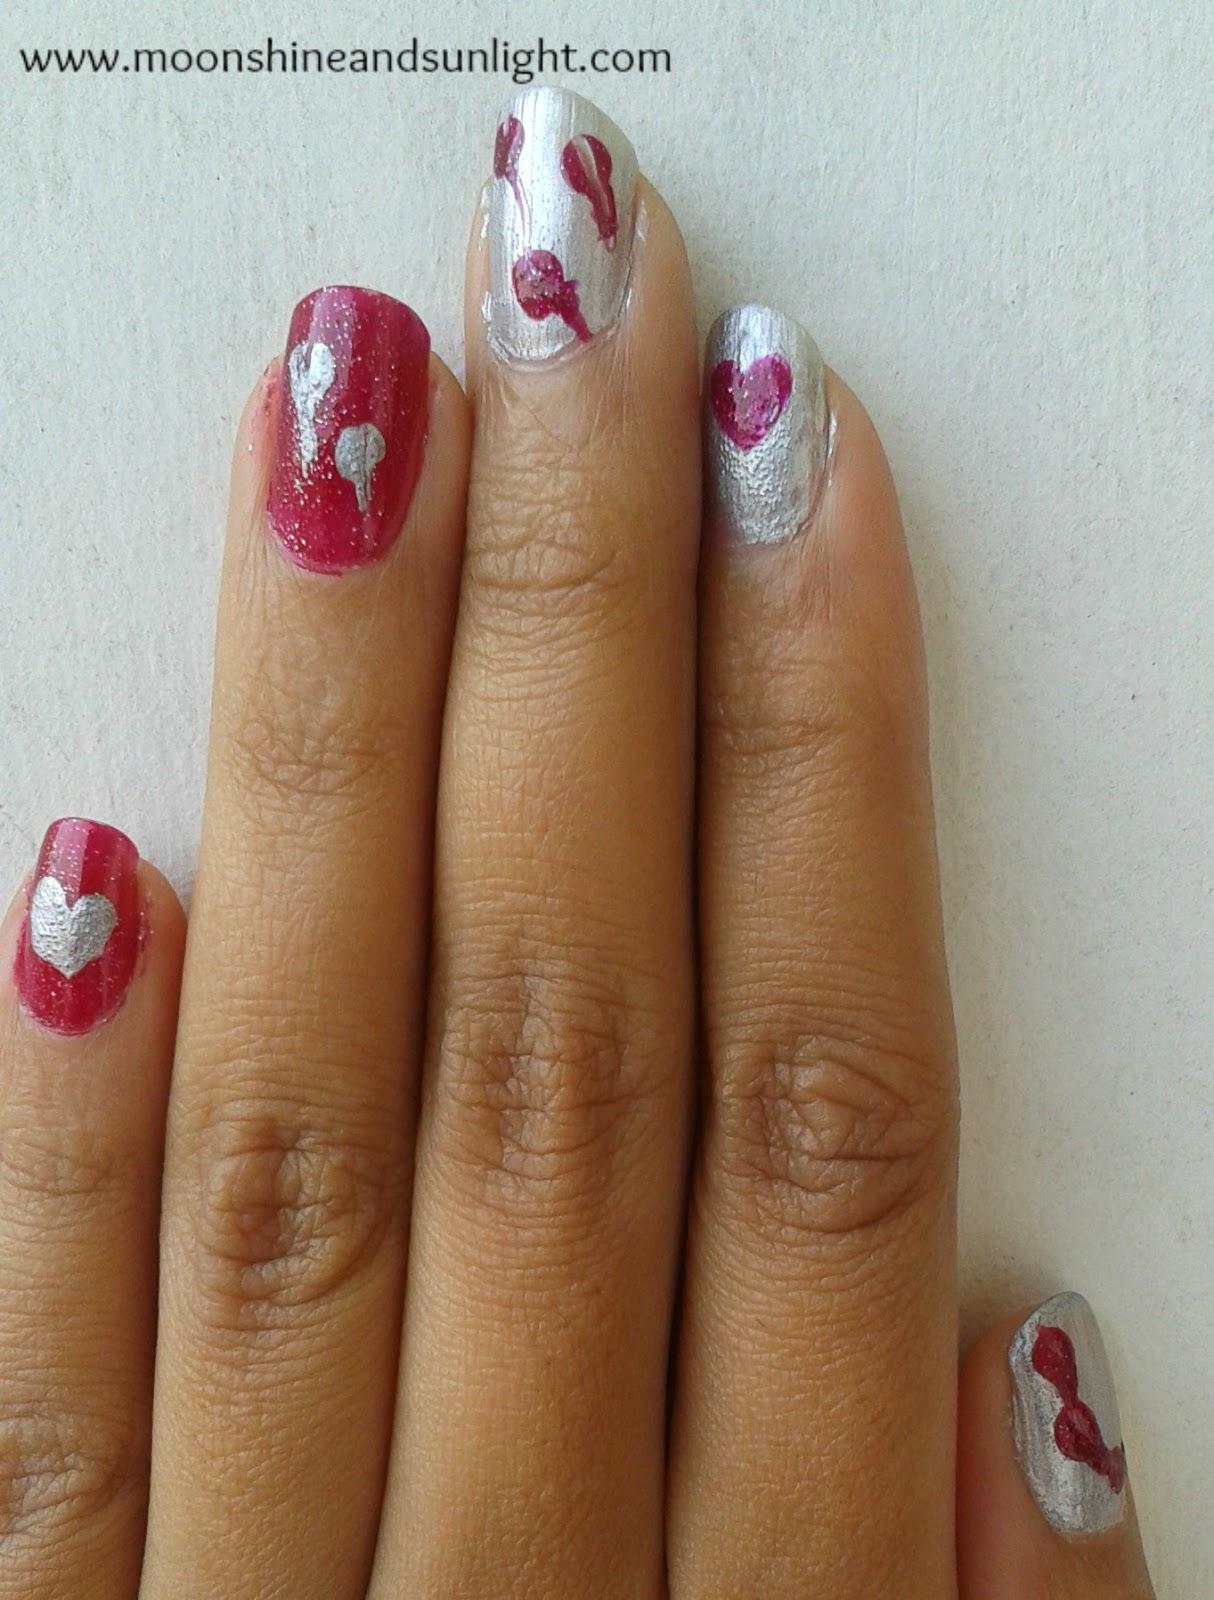 Spolied hearts nail art